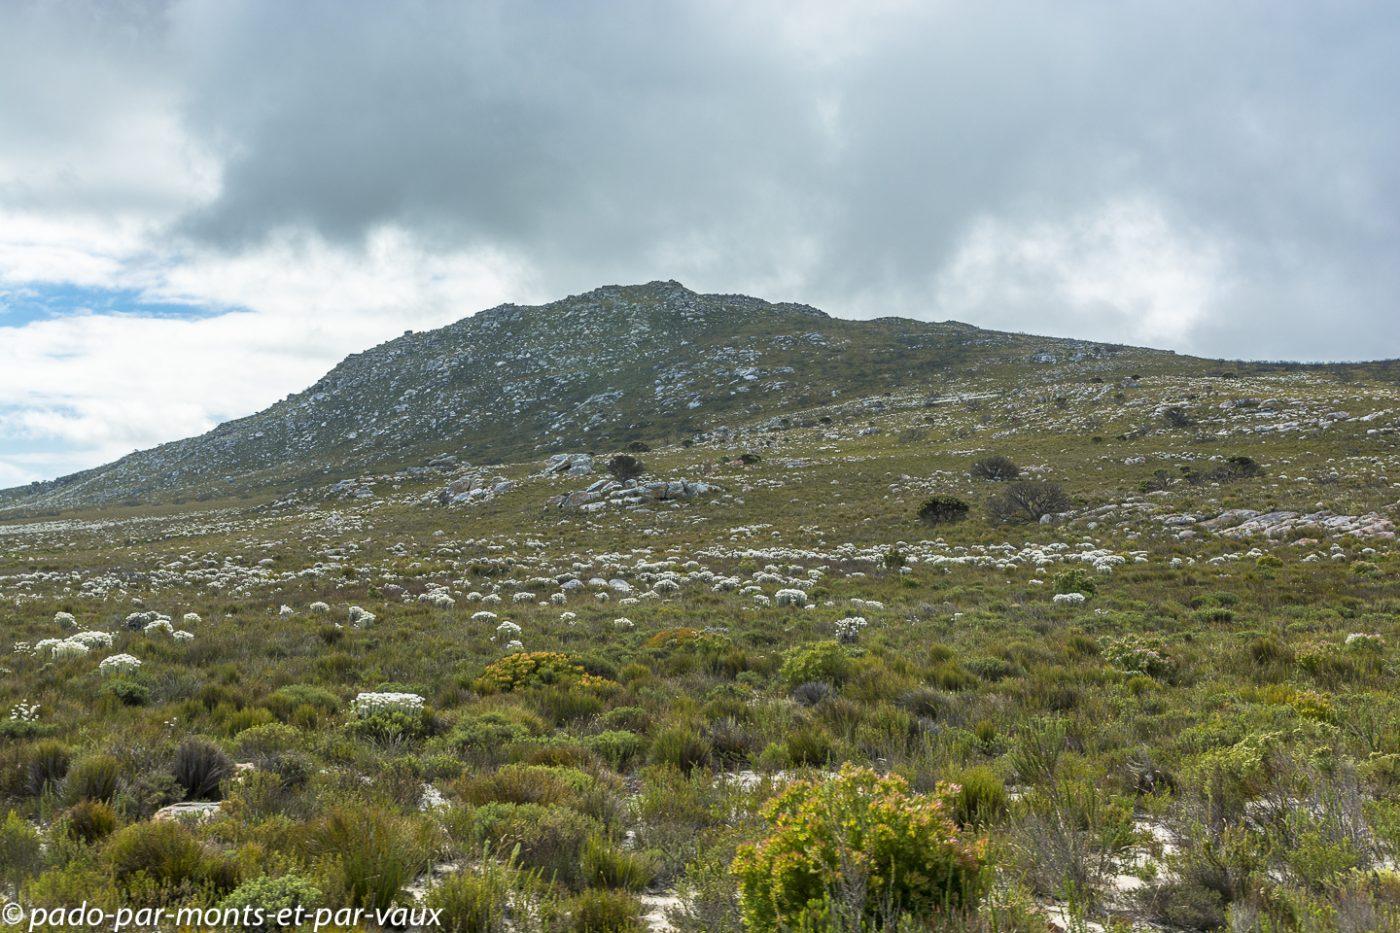 PN du Cap de Bonne Espérance  - Syncarpha